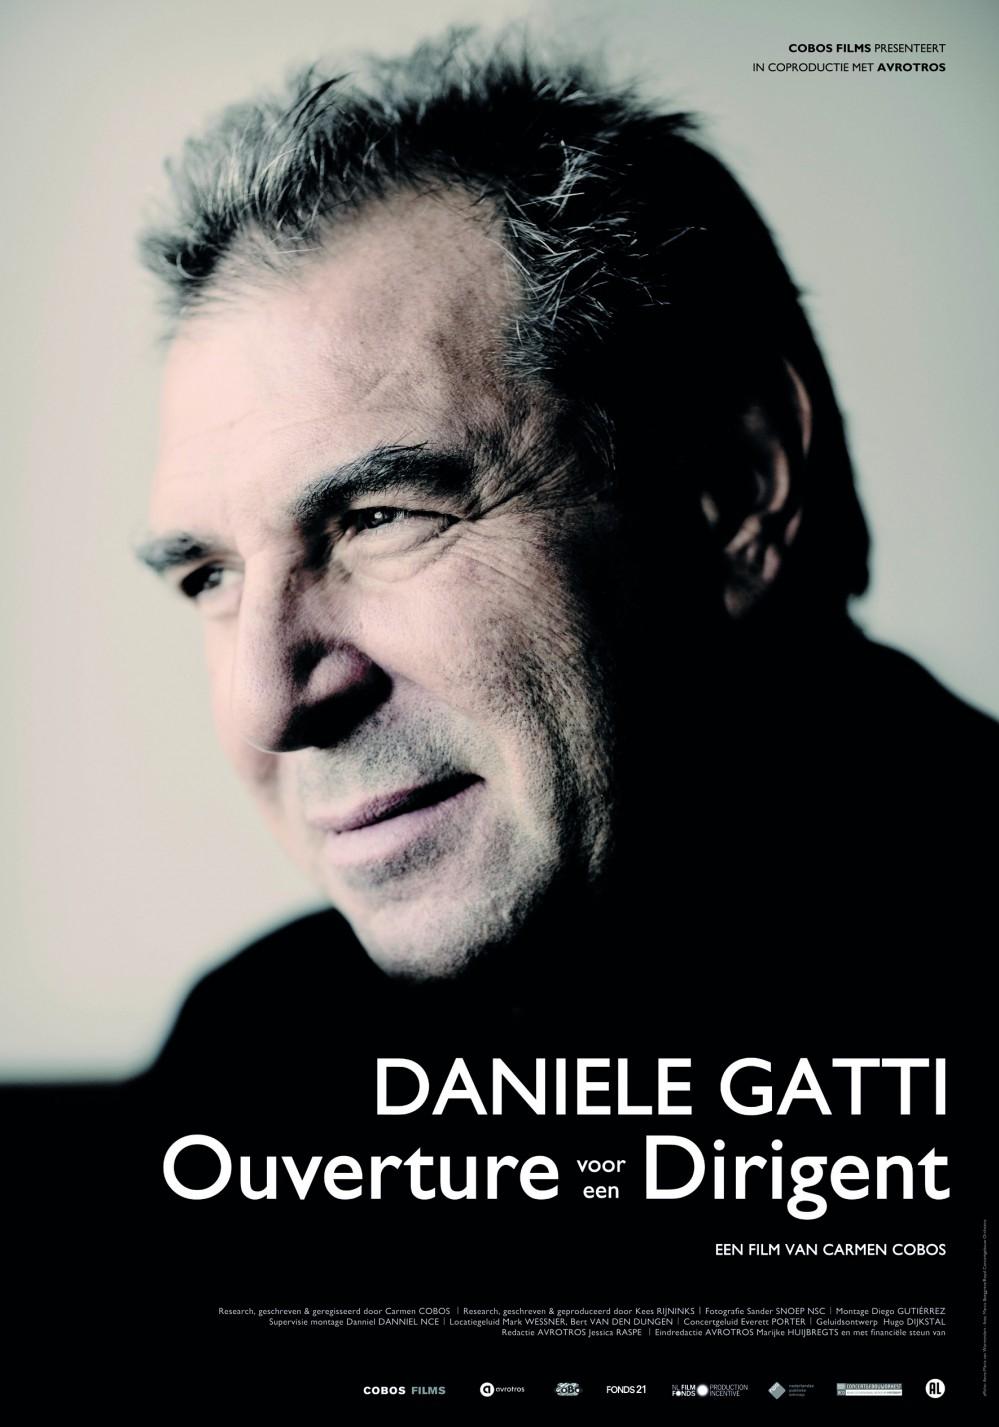 Daniele Gatti - Ouverture voor een Dirigent poster, copyright in handen van productiestudio en/of distributeur